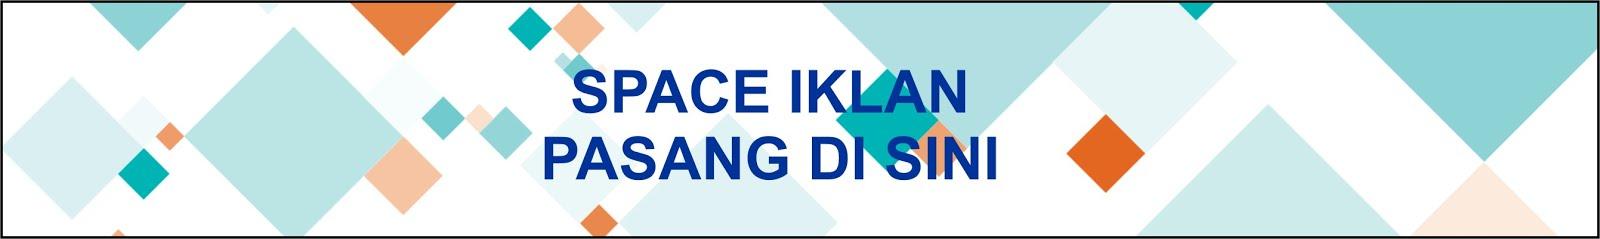 SPACE IKLAN ANDA